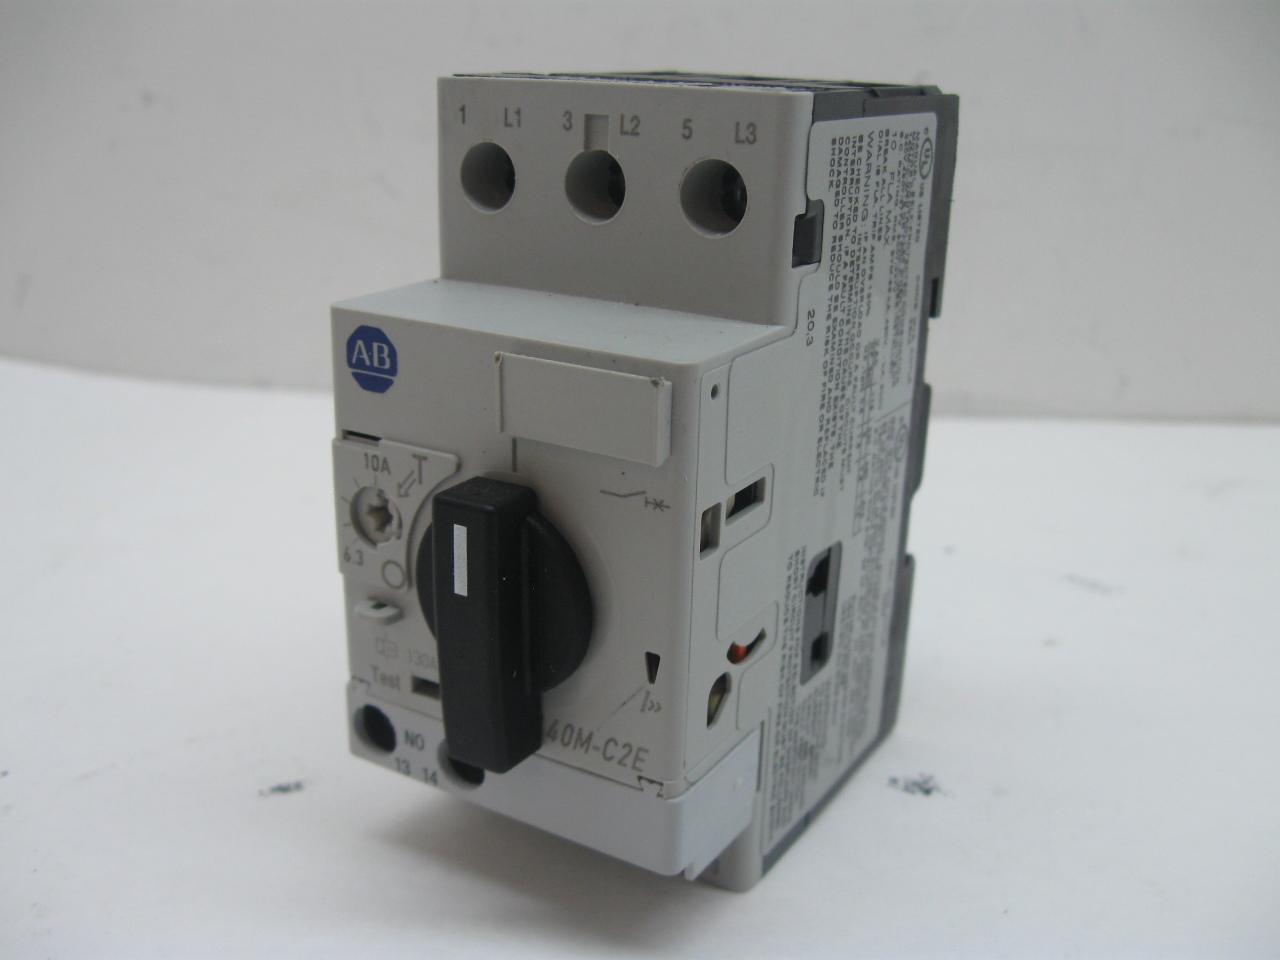 Download allen bradley 140m c2e manual free internettales for Allen bradley manual motor starter